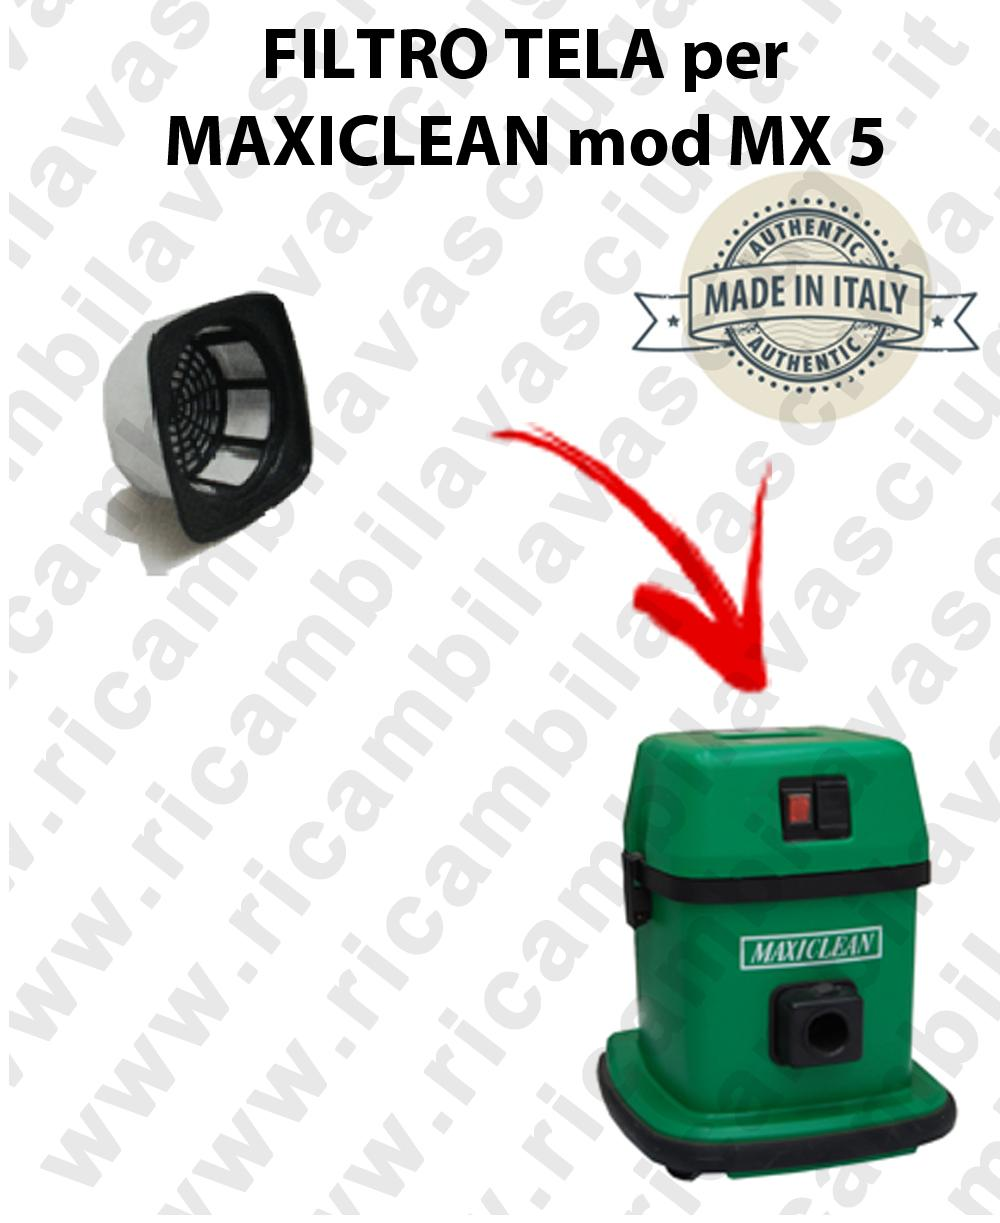 MX5 TEXTILFILTER für Staubsauger MAXICLEAN